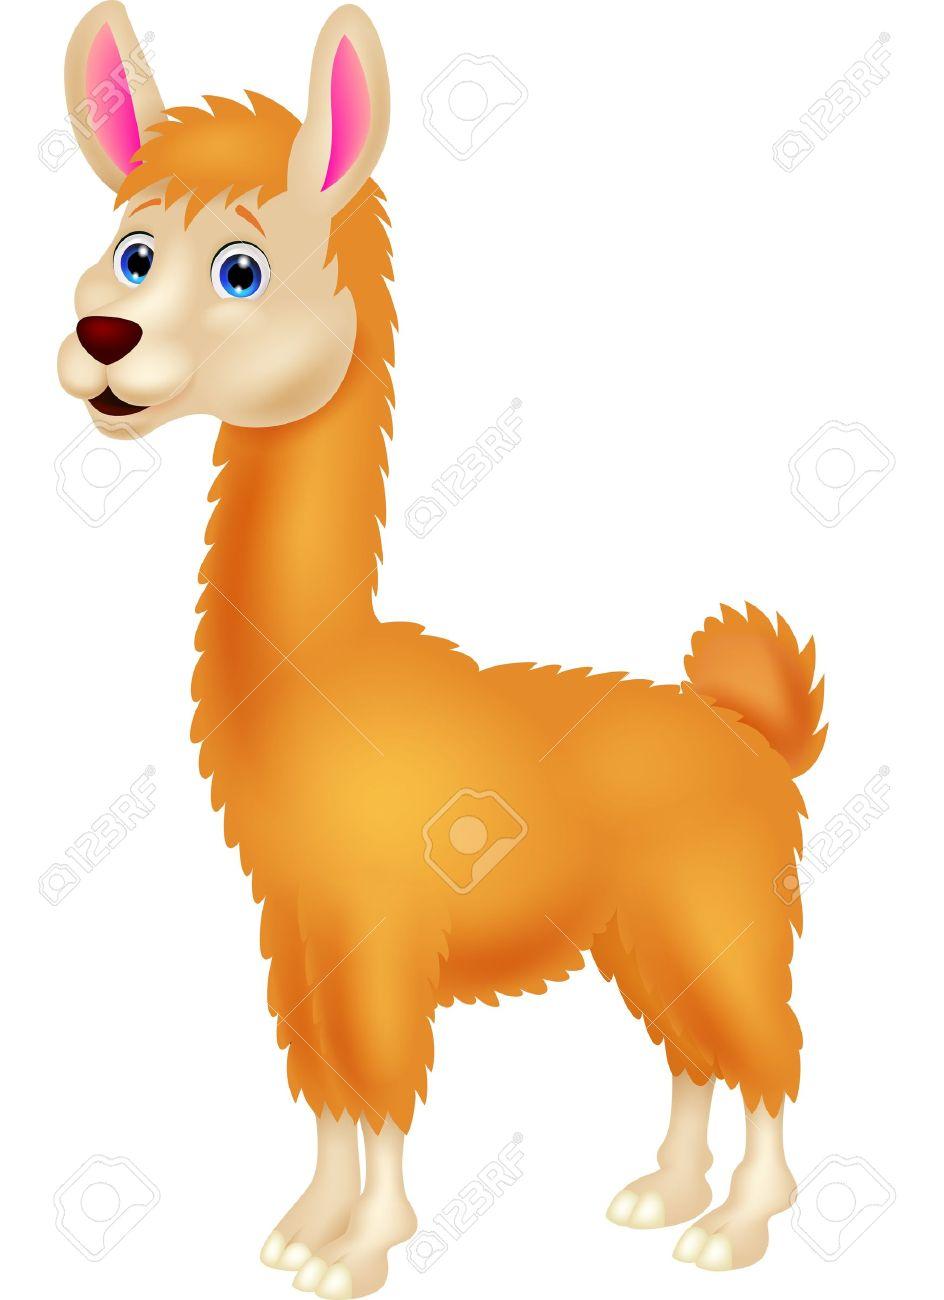 3 040 llama stock illustrations cliparts and royalty free llama vectors rh 123rf com clipart lama llama clipart cute